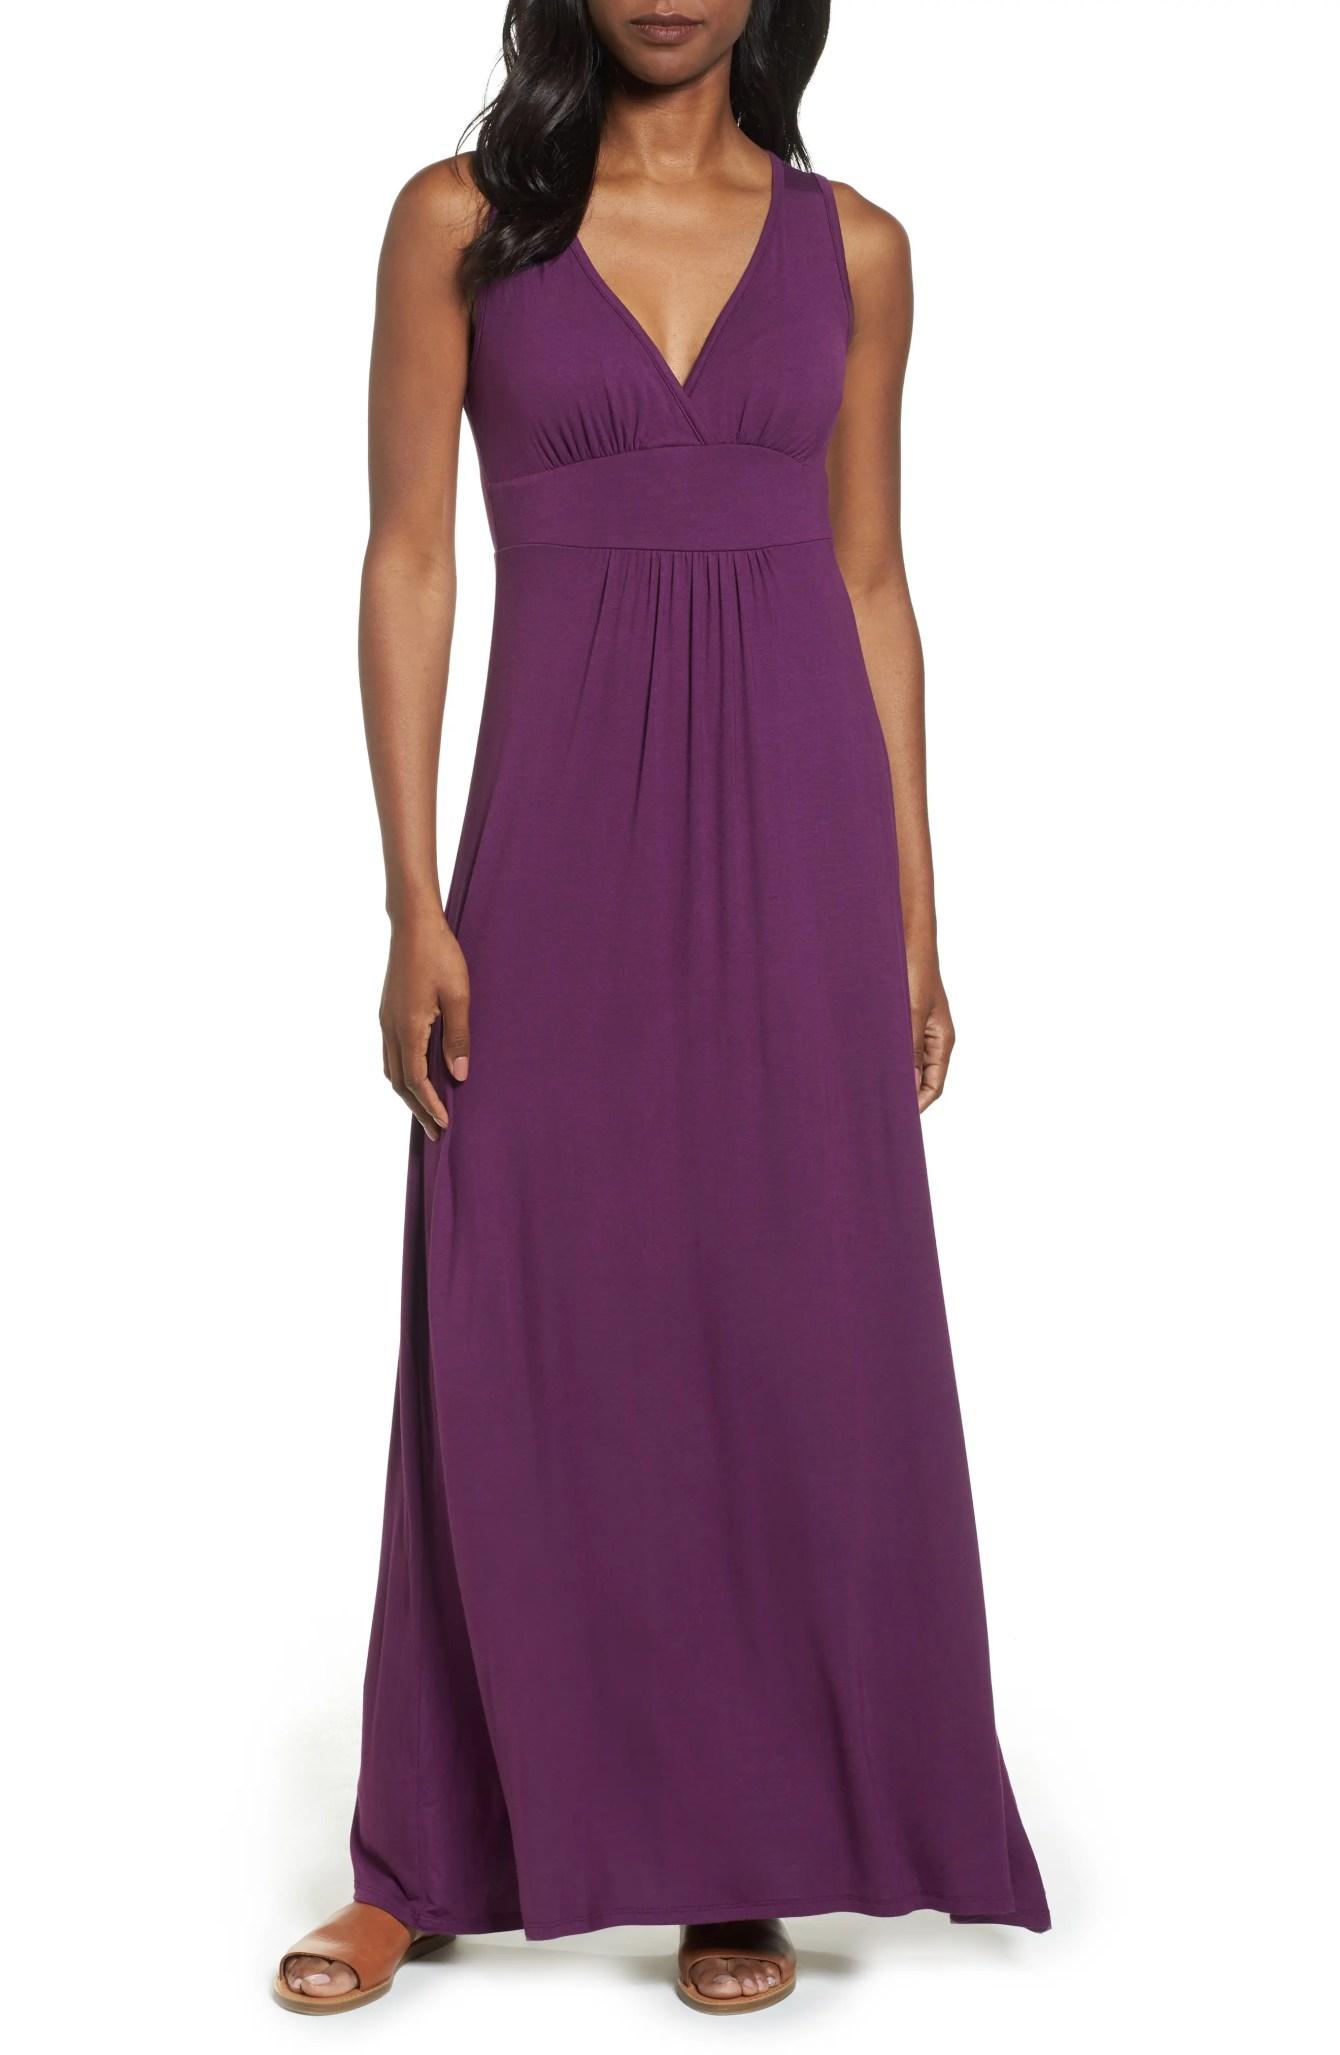 V-Neck Jersey Maxi Dress LOVEAPPELLA $68 (Nordstrom)